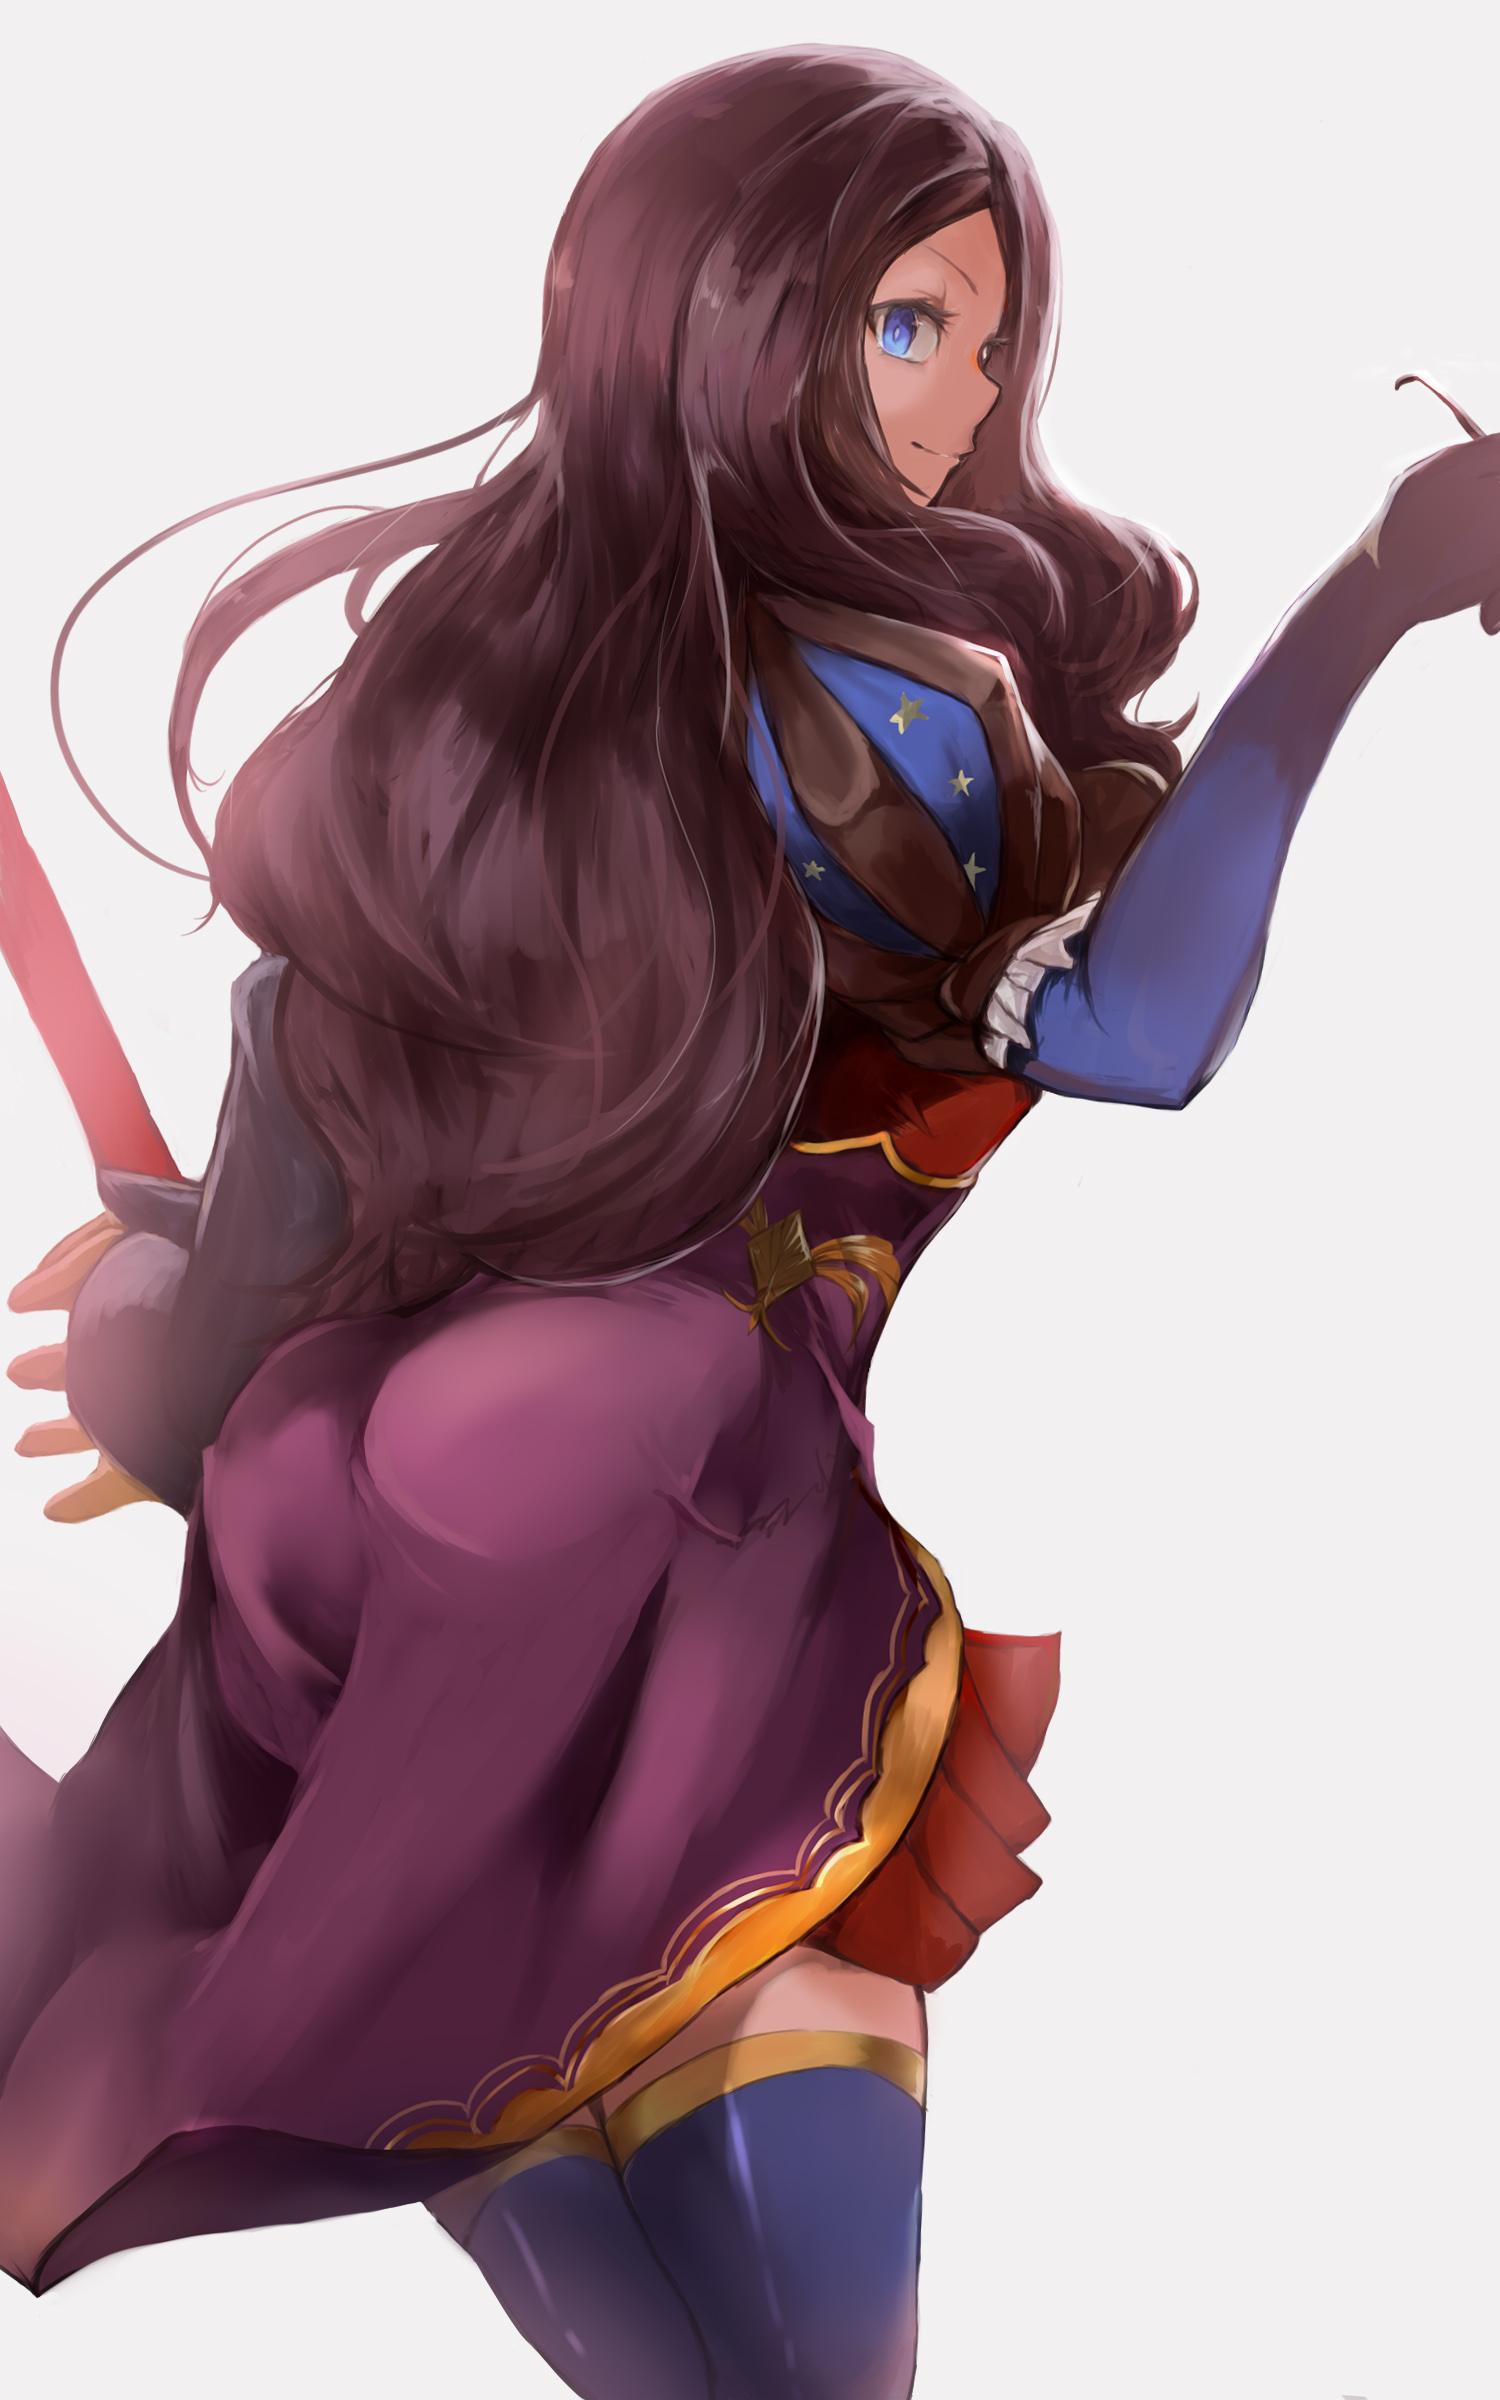 ギルガメッシュ、イシュタルetc… 『Fate/Grand Order -絶対魔獣戦線バビロニア-』のキャラクターイラスト特集ゲーム・アニメもっと見る